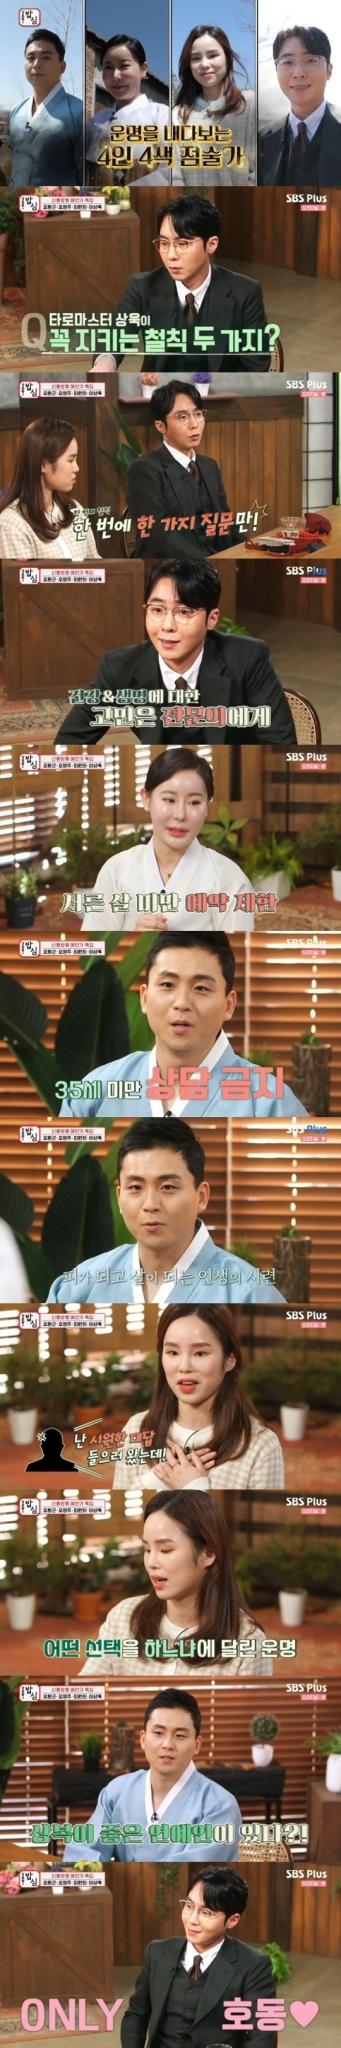 SBS플러스 '밥은 먹고 다니냐-강호동의 밥心' © 뉴스1